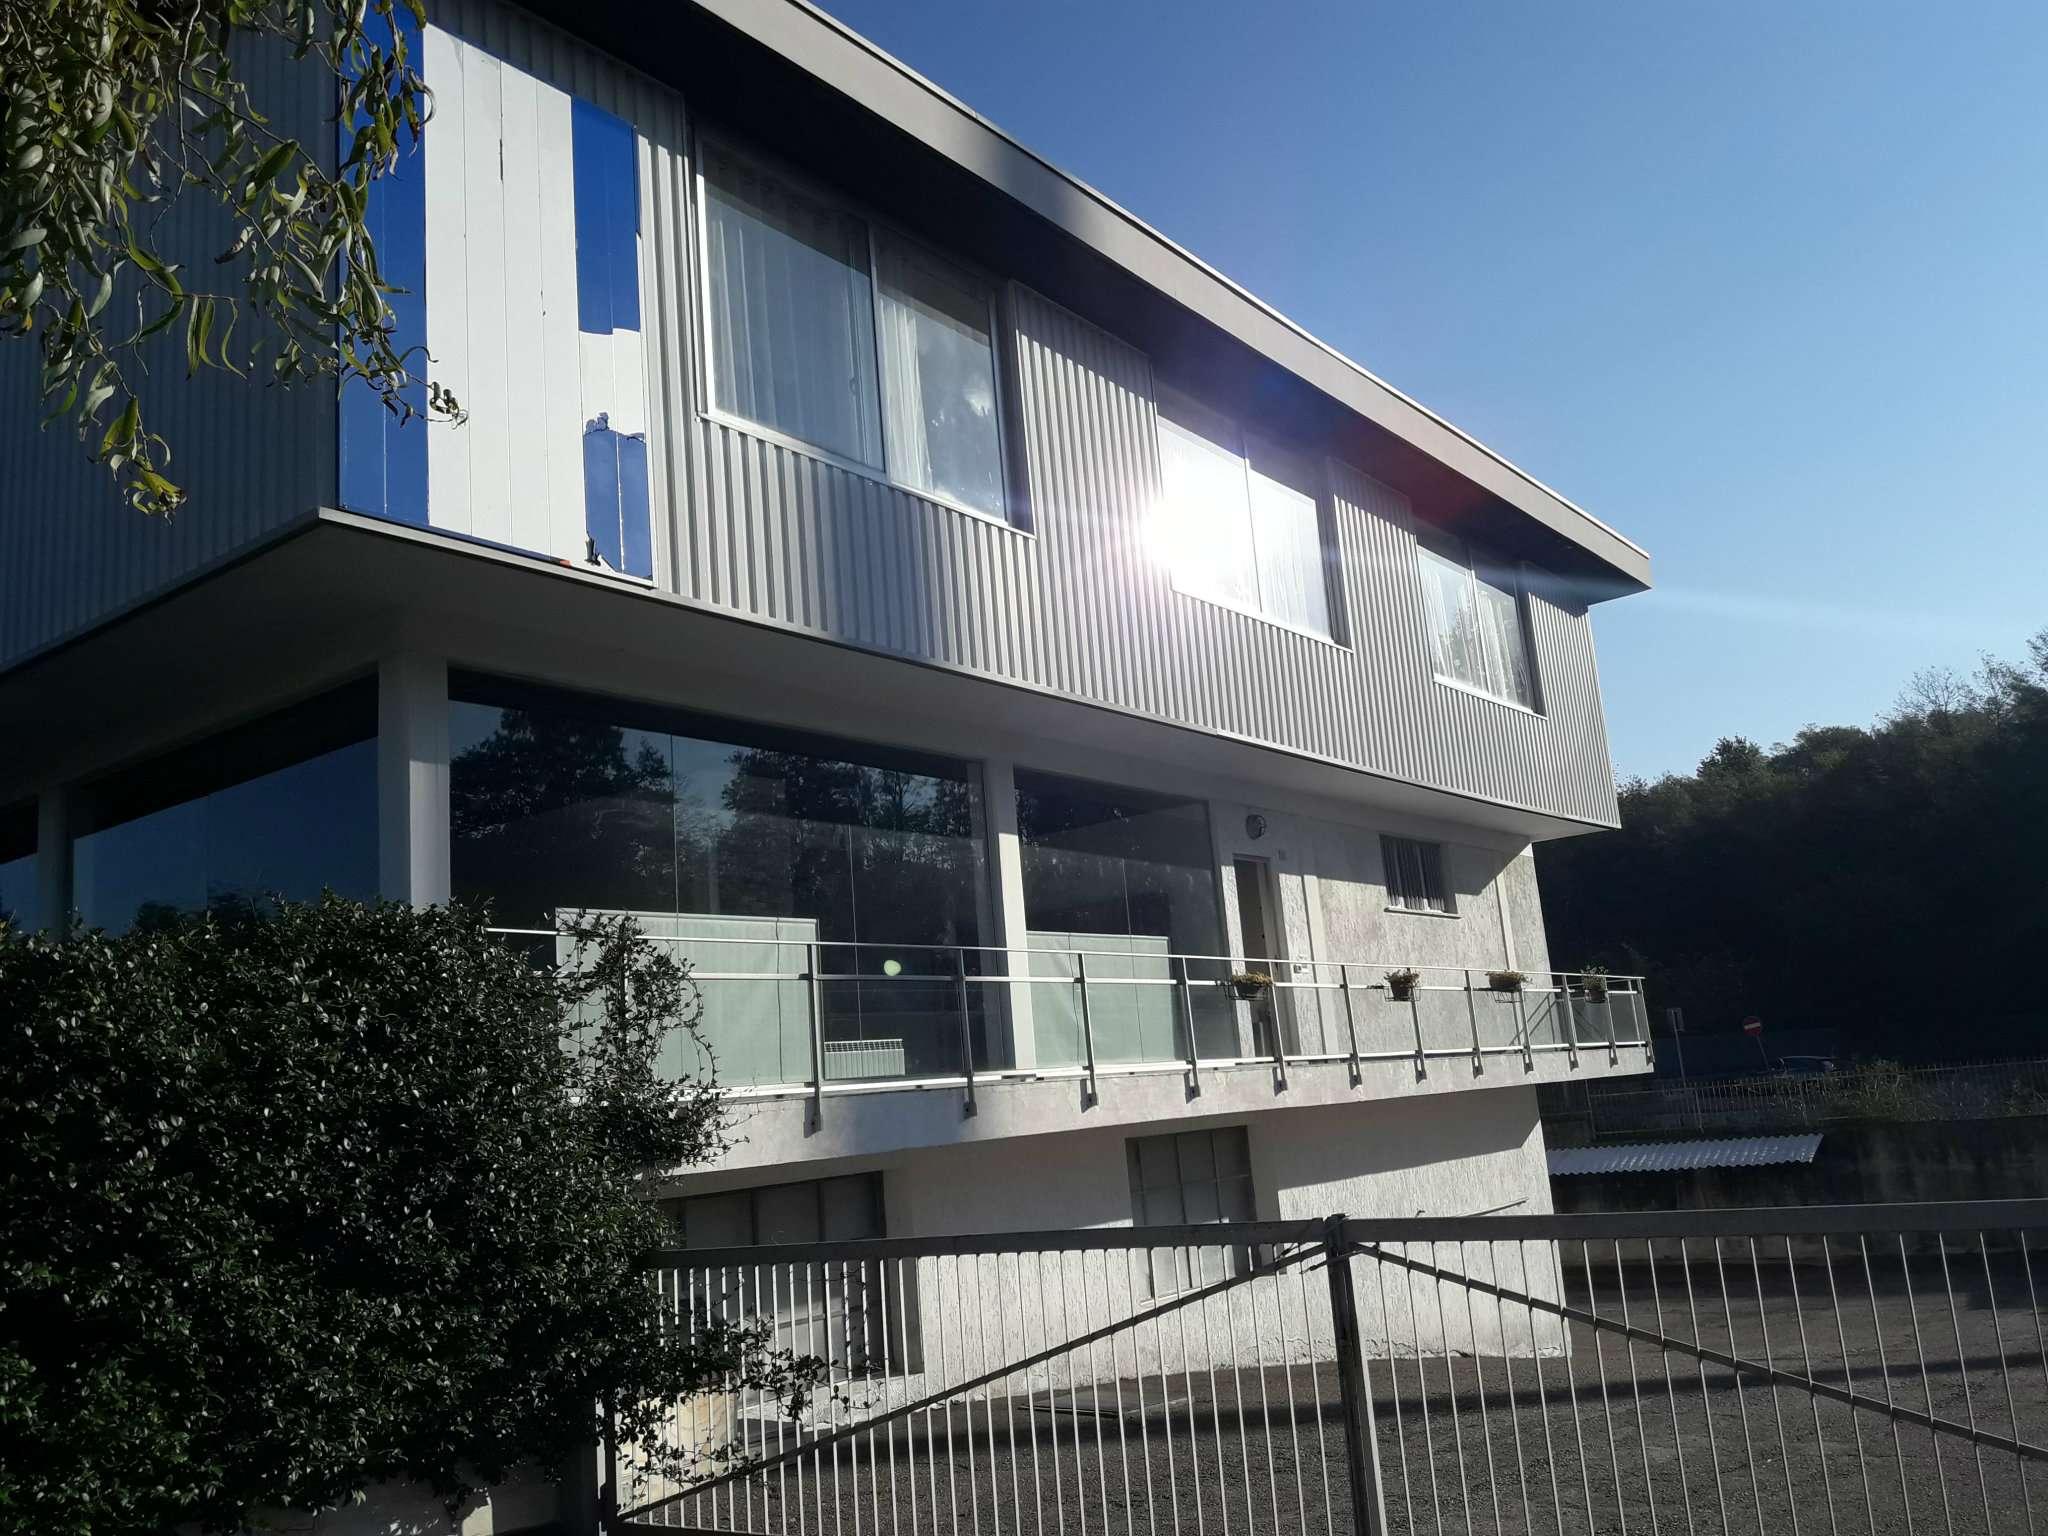 Negozio / Locale in vendita a Bizzarone, 10 locali, prezzo € 1.280.000 | CambioCasa.it